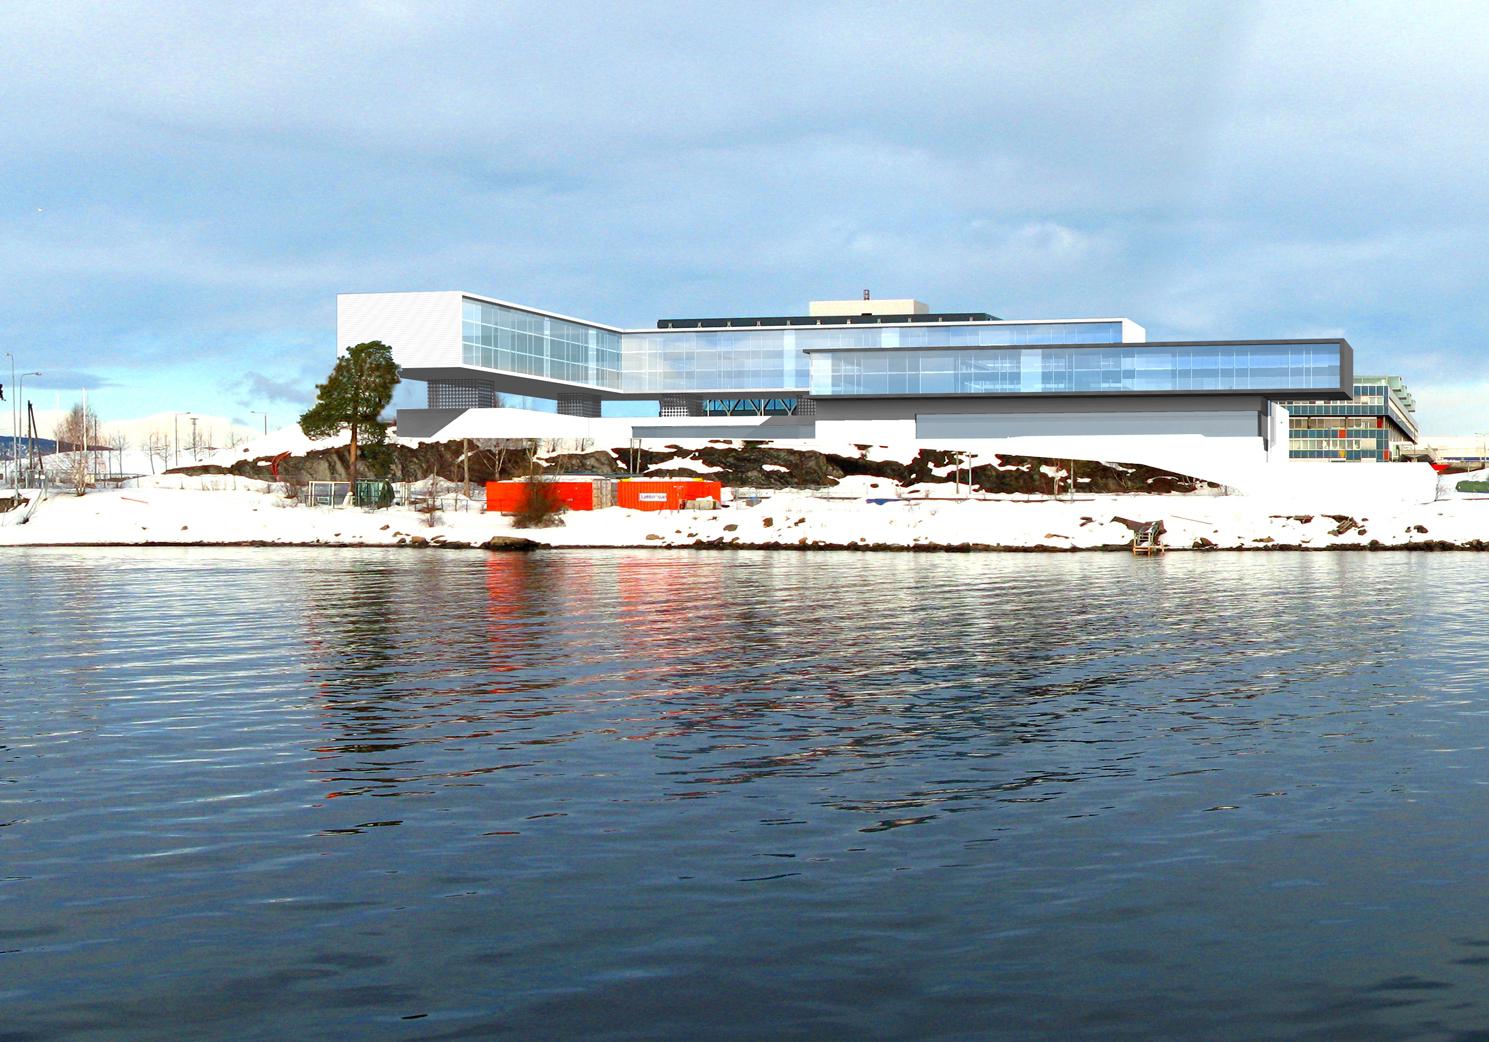 Scandic utökar med ytterligare ett hotell i Oslo